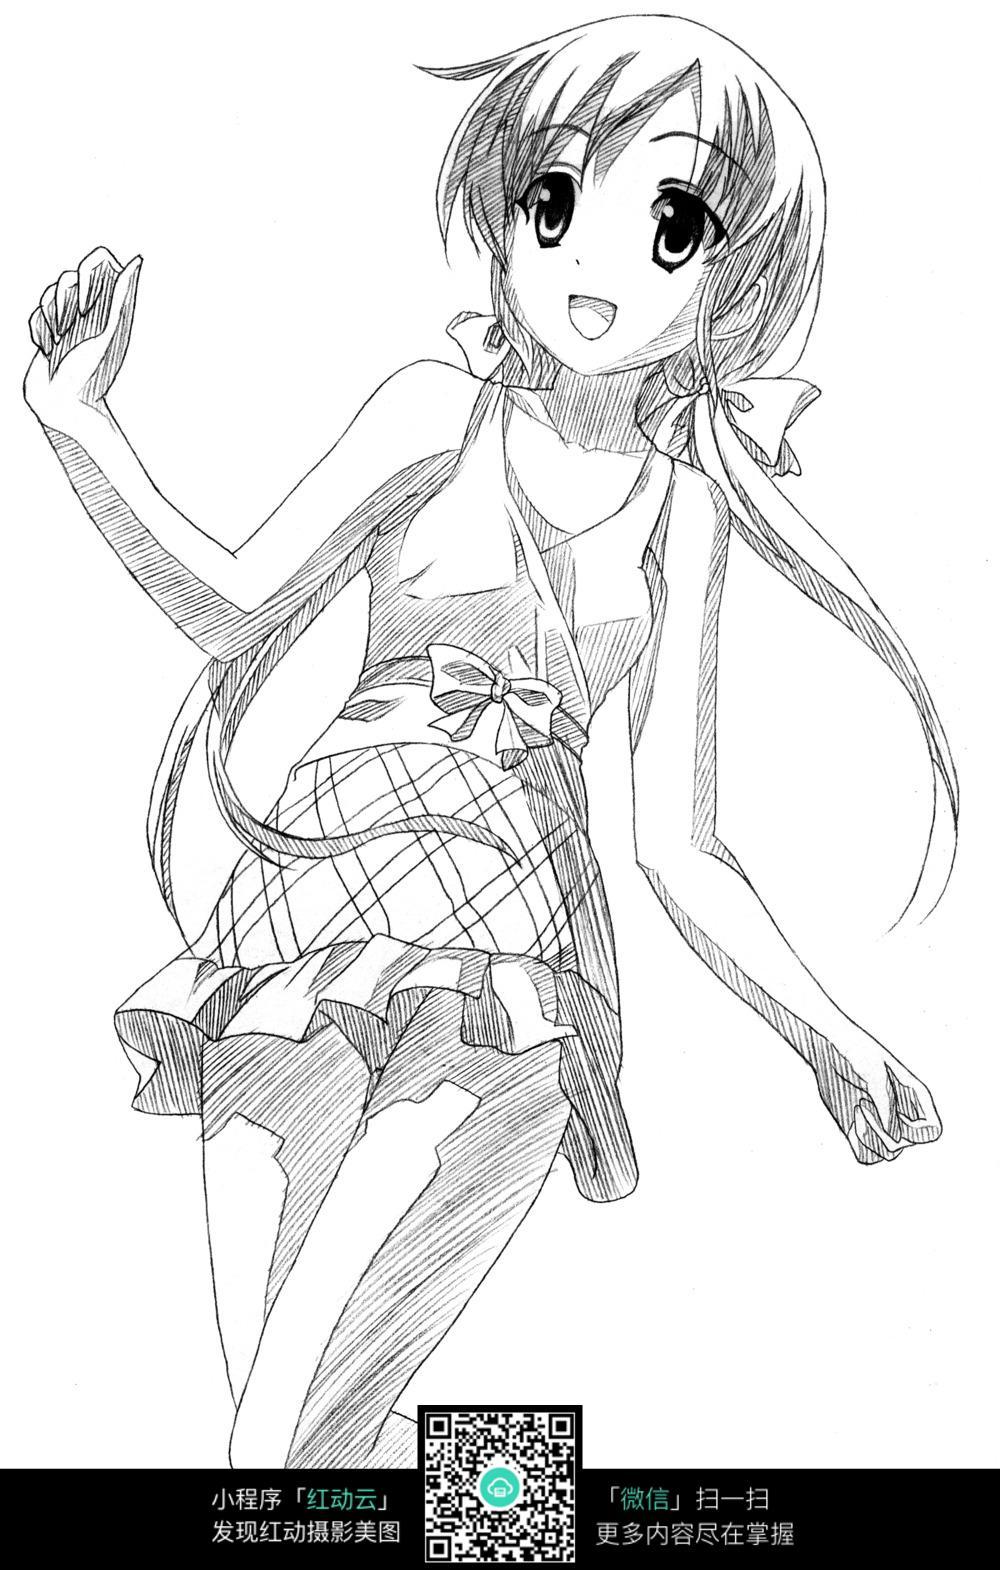 女孩 卡通 手绘线稿 卡通人物 手绘 线稿 漫画  卡通素材  插画 人物